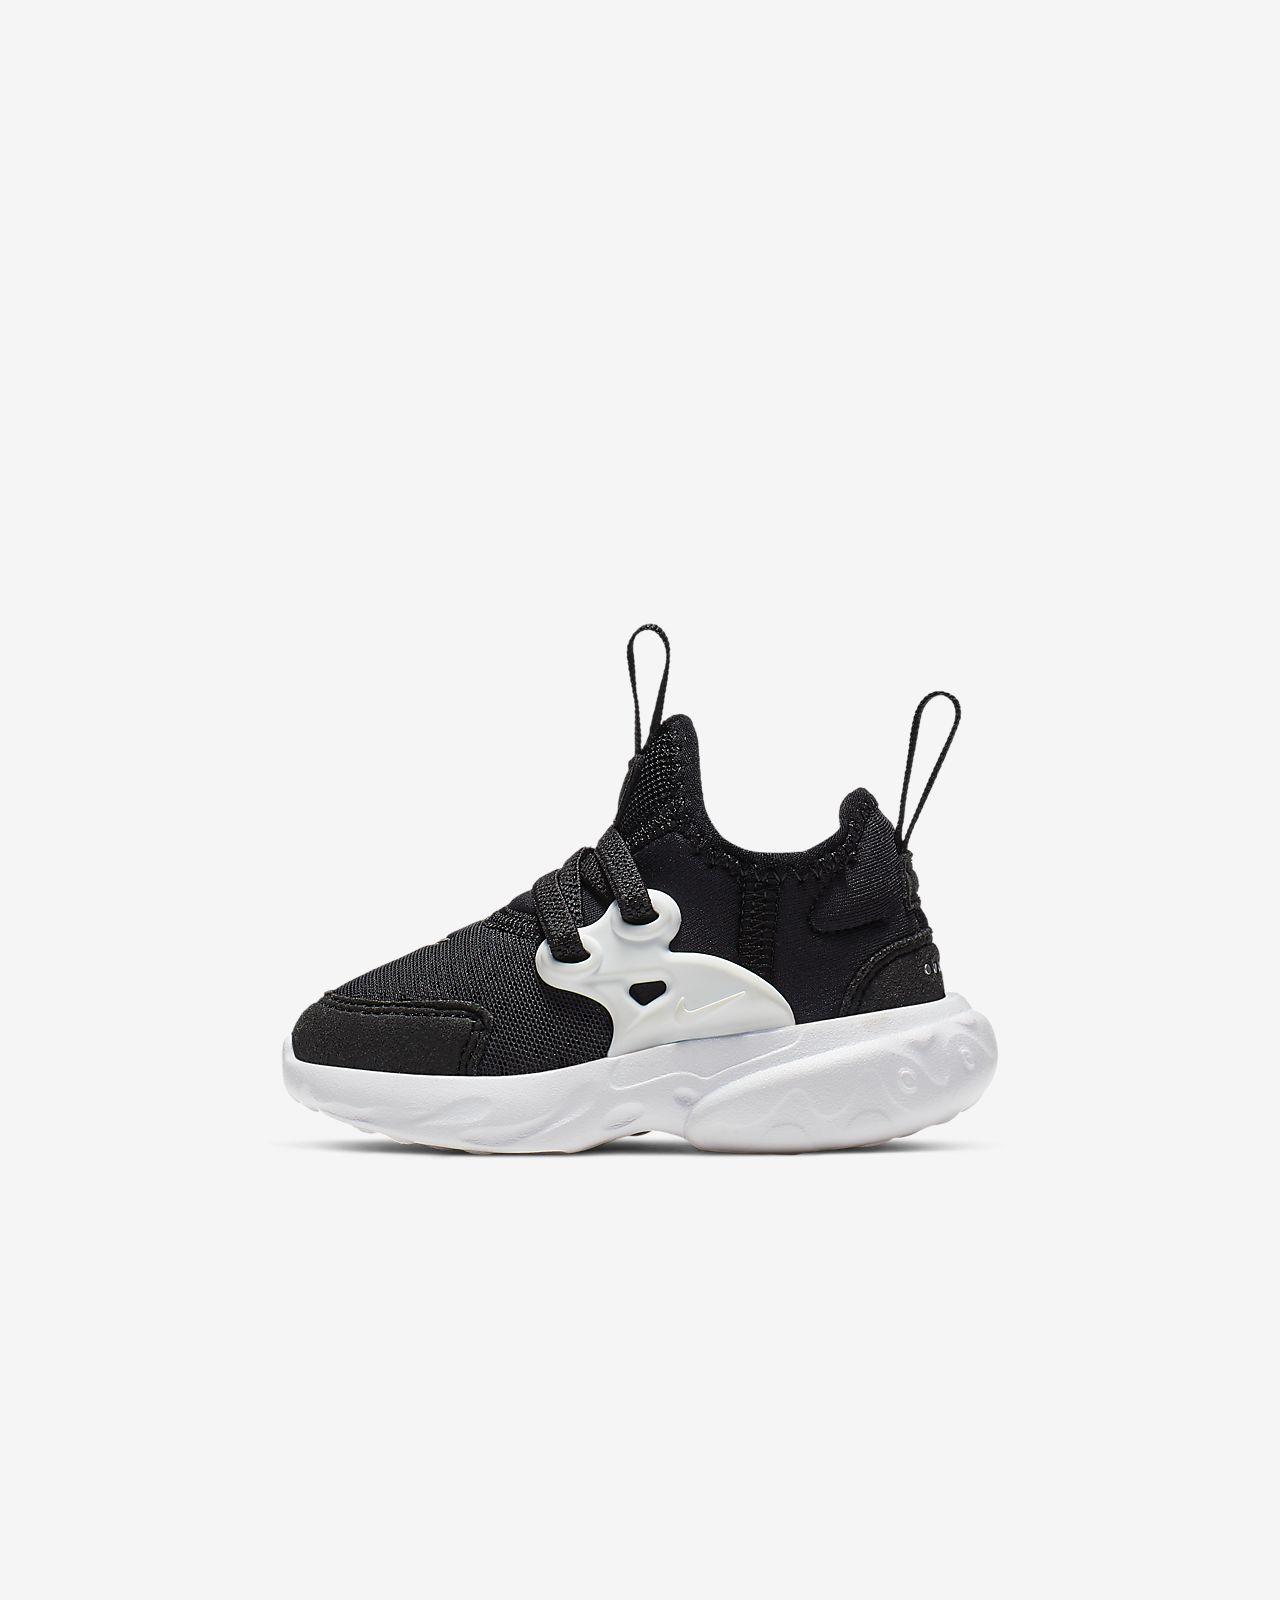 Sko Nike RT Presto för babysmå barn